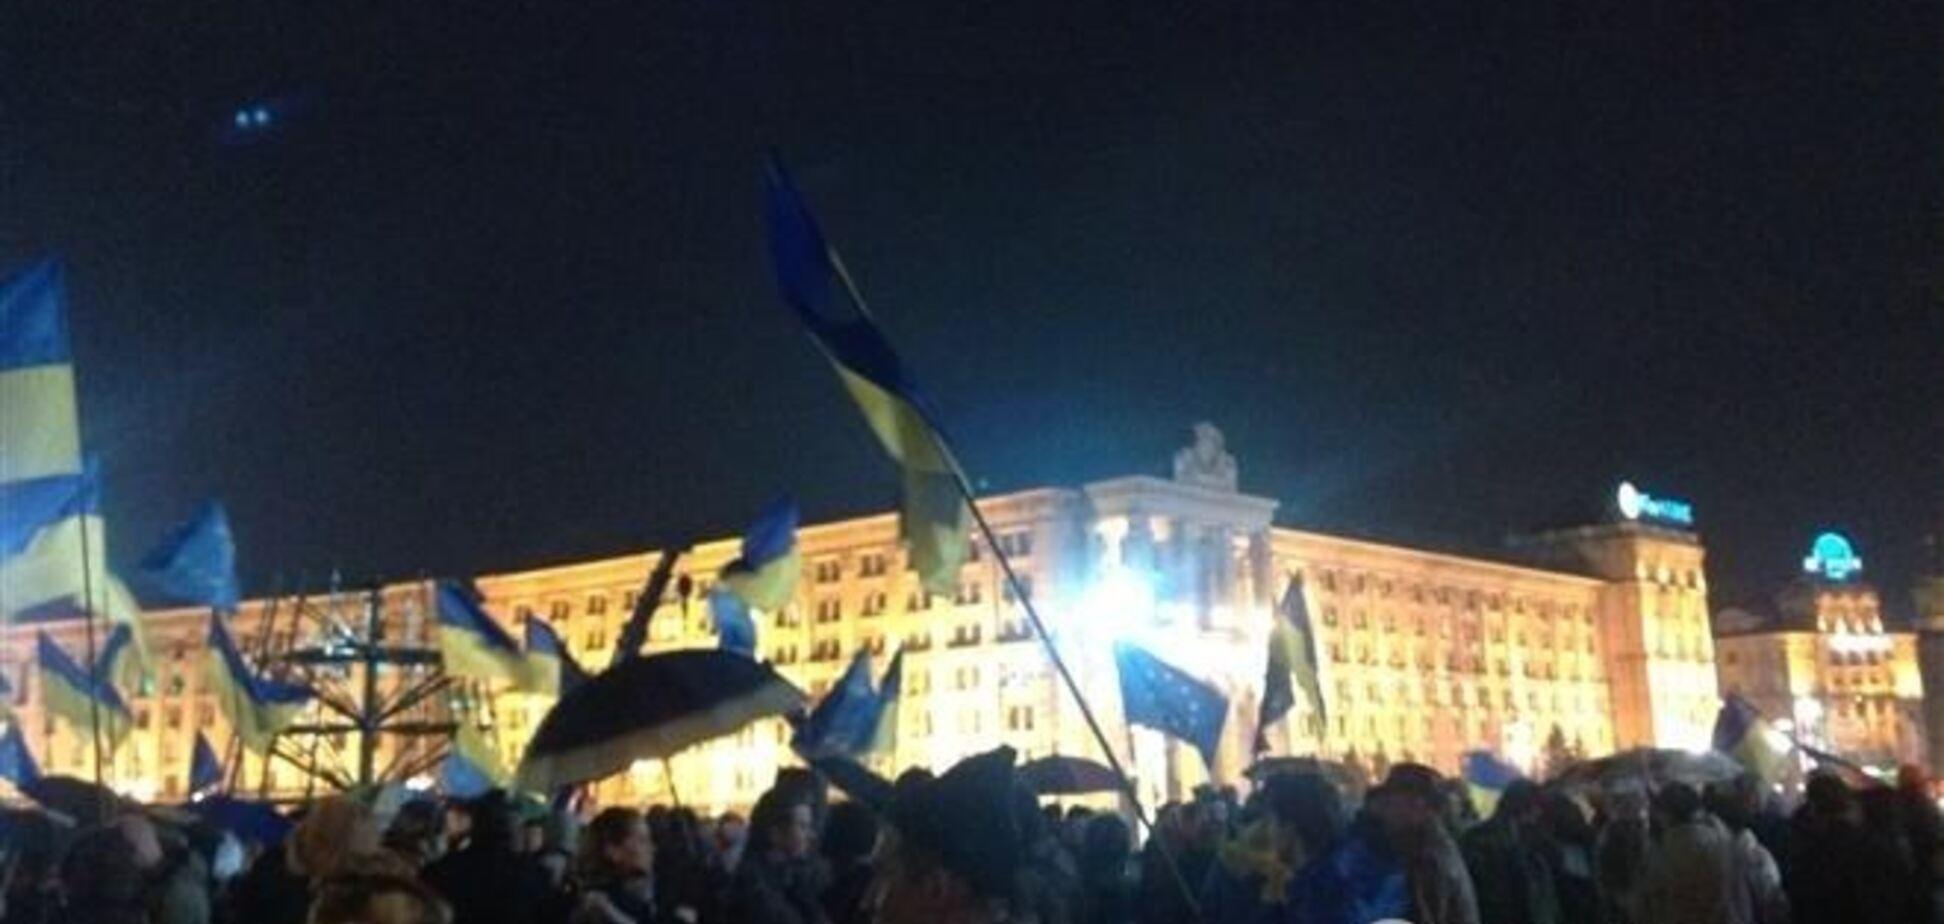 Киевляне зарабатывают на Евромайдане арендой жилья, пирожками и связью